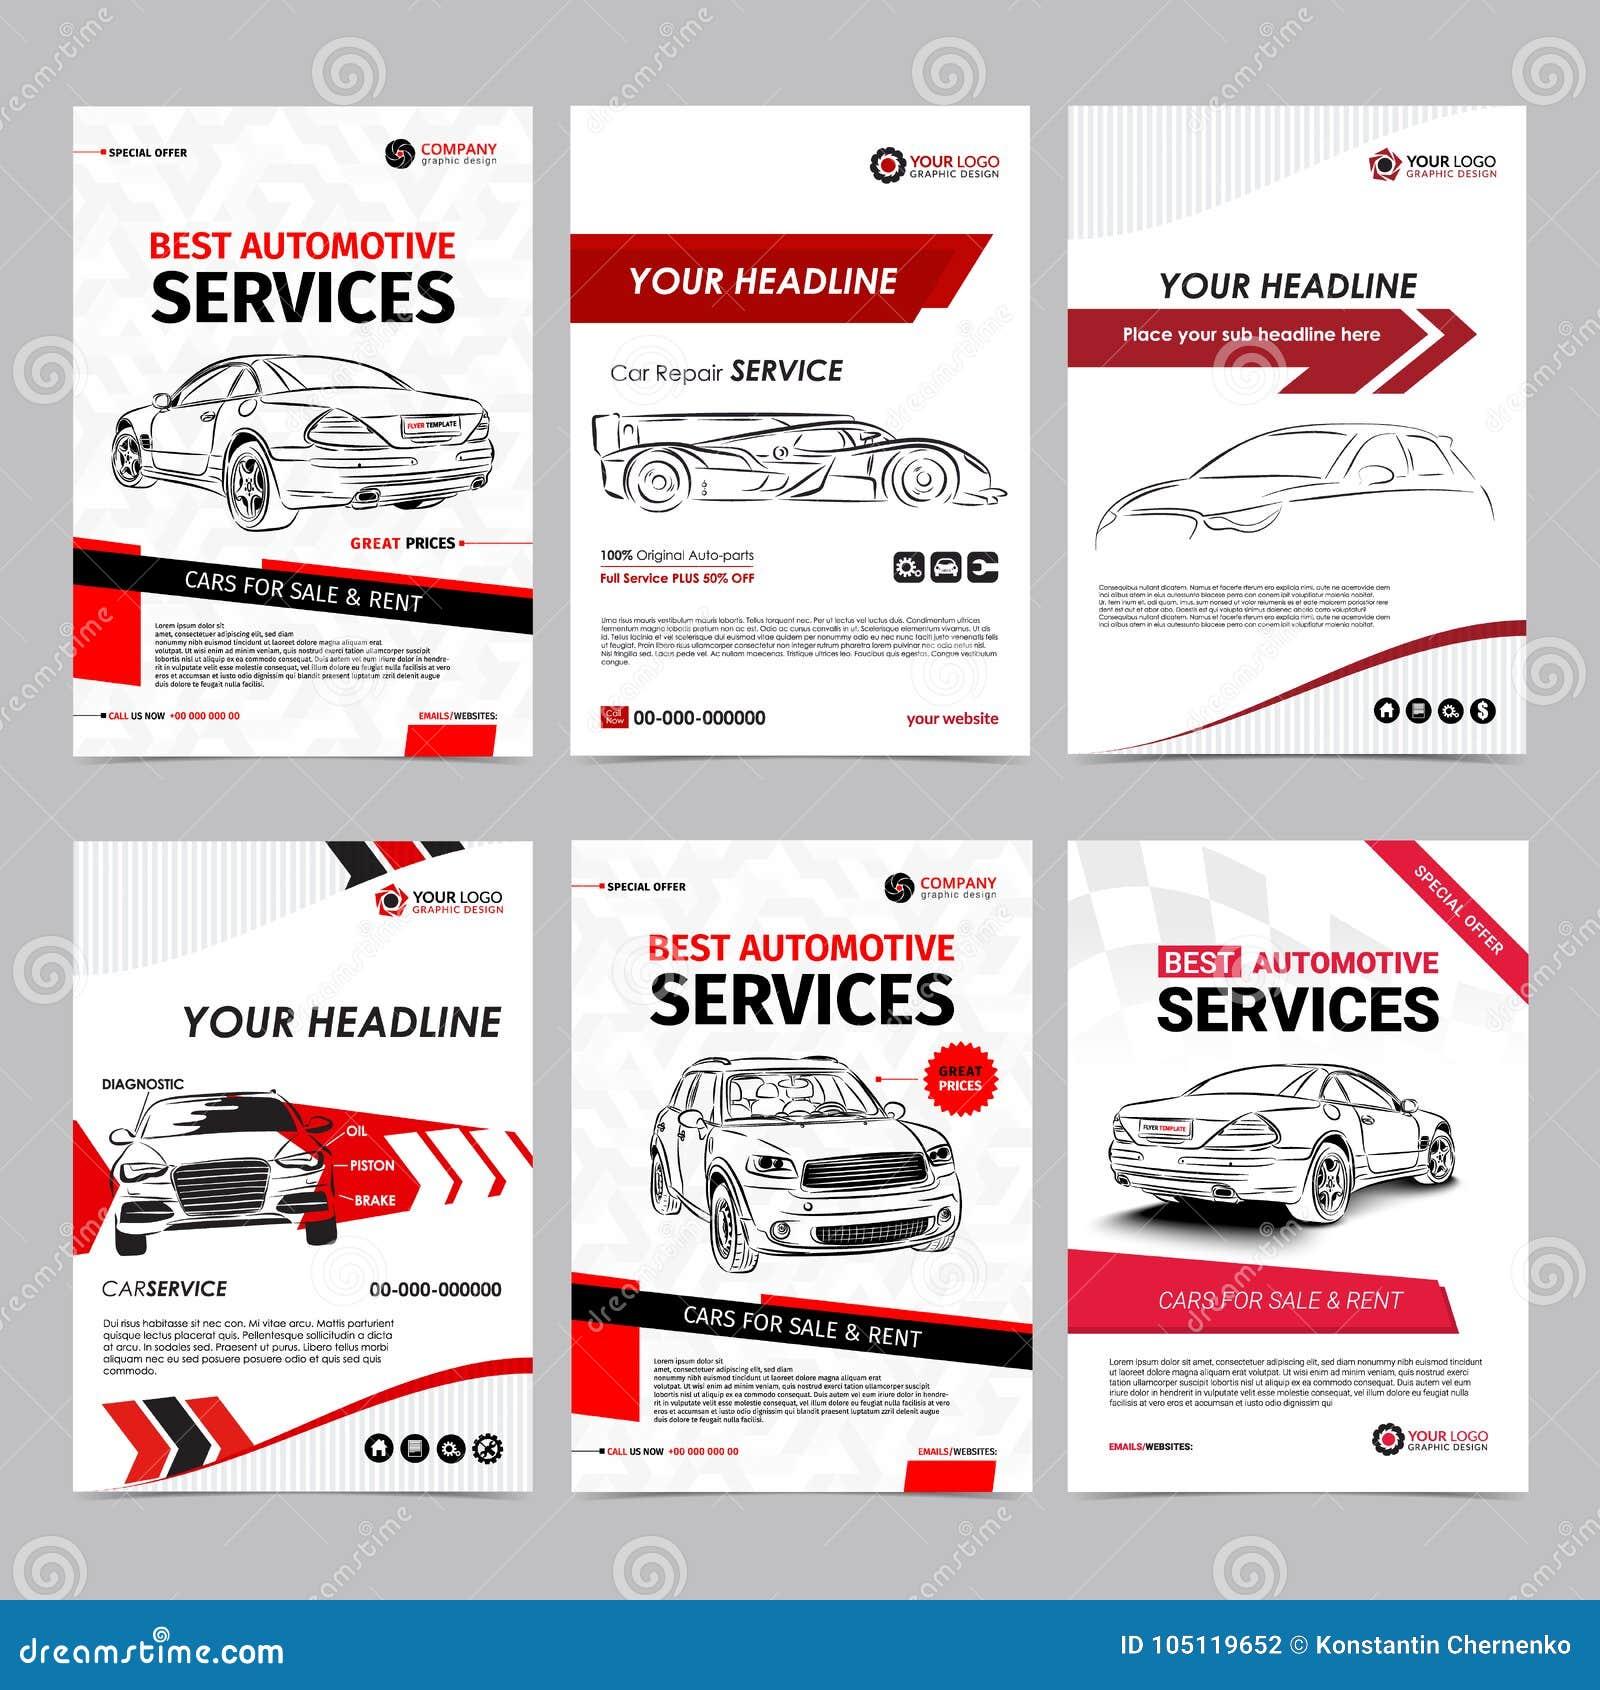 auto repair services business layout templates set automobile